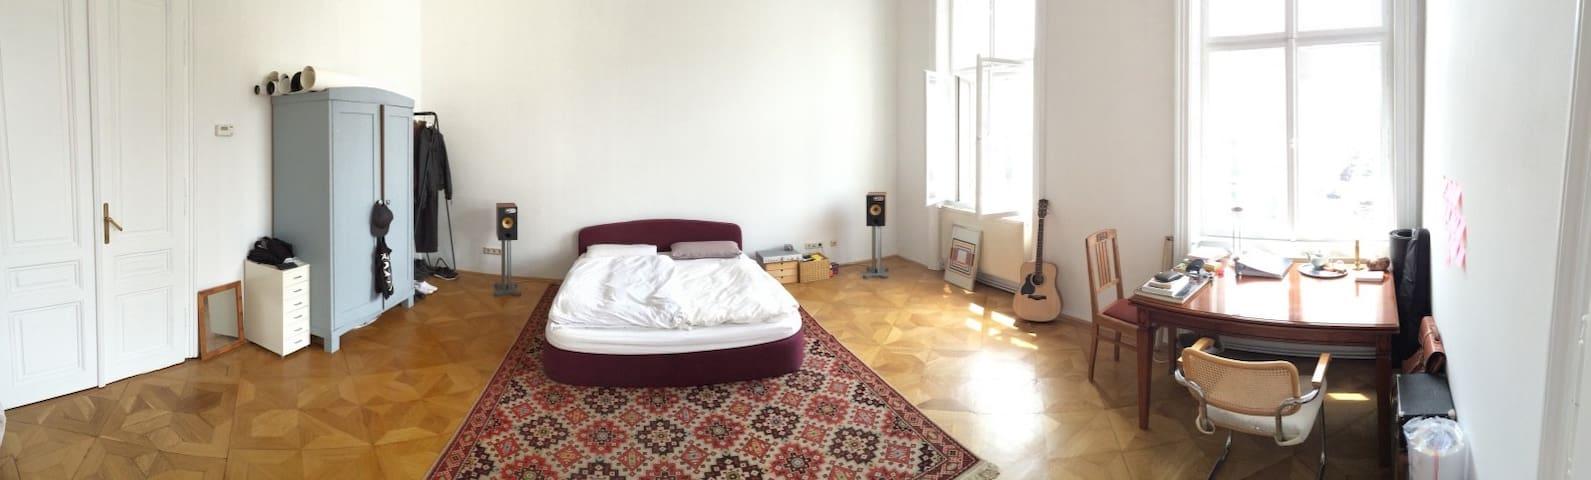 Riesiges 32qm-Zimmer in zentralem Altbau - Wien - Apartment